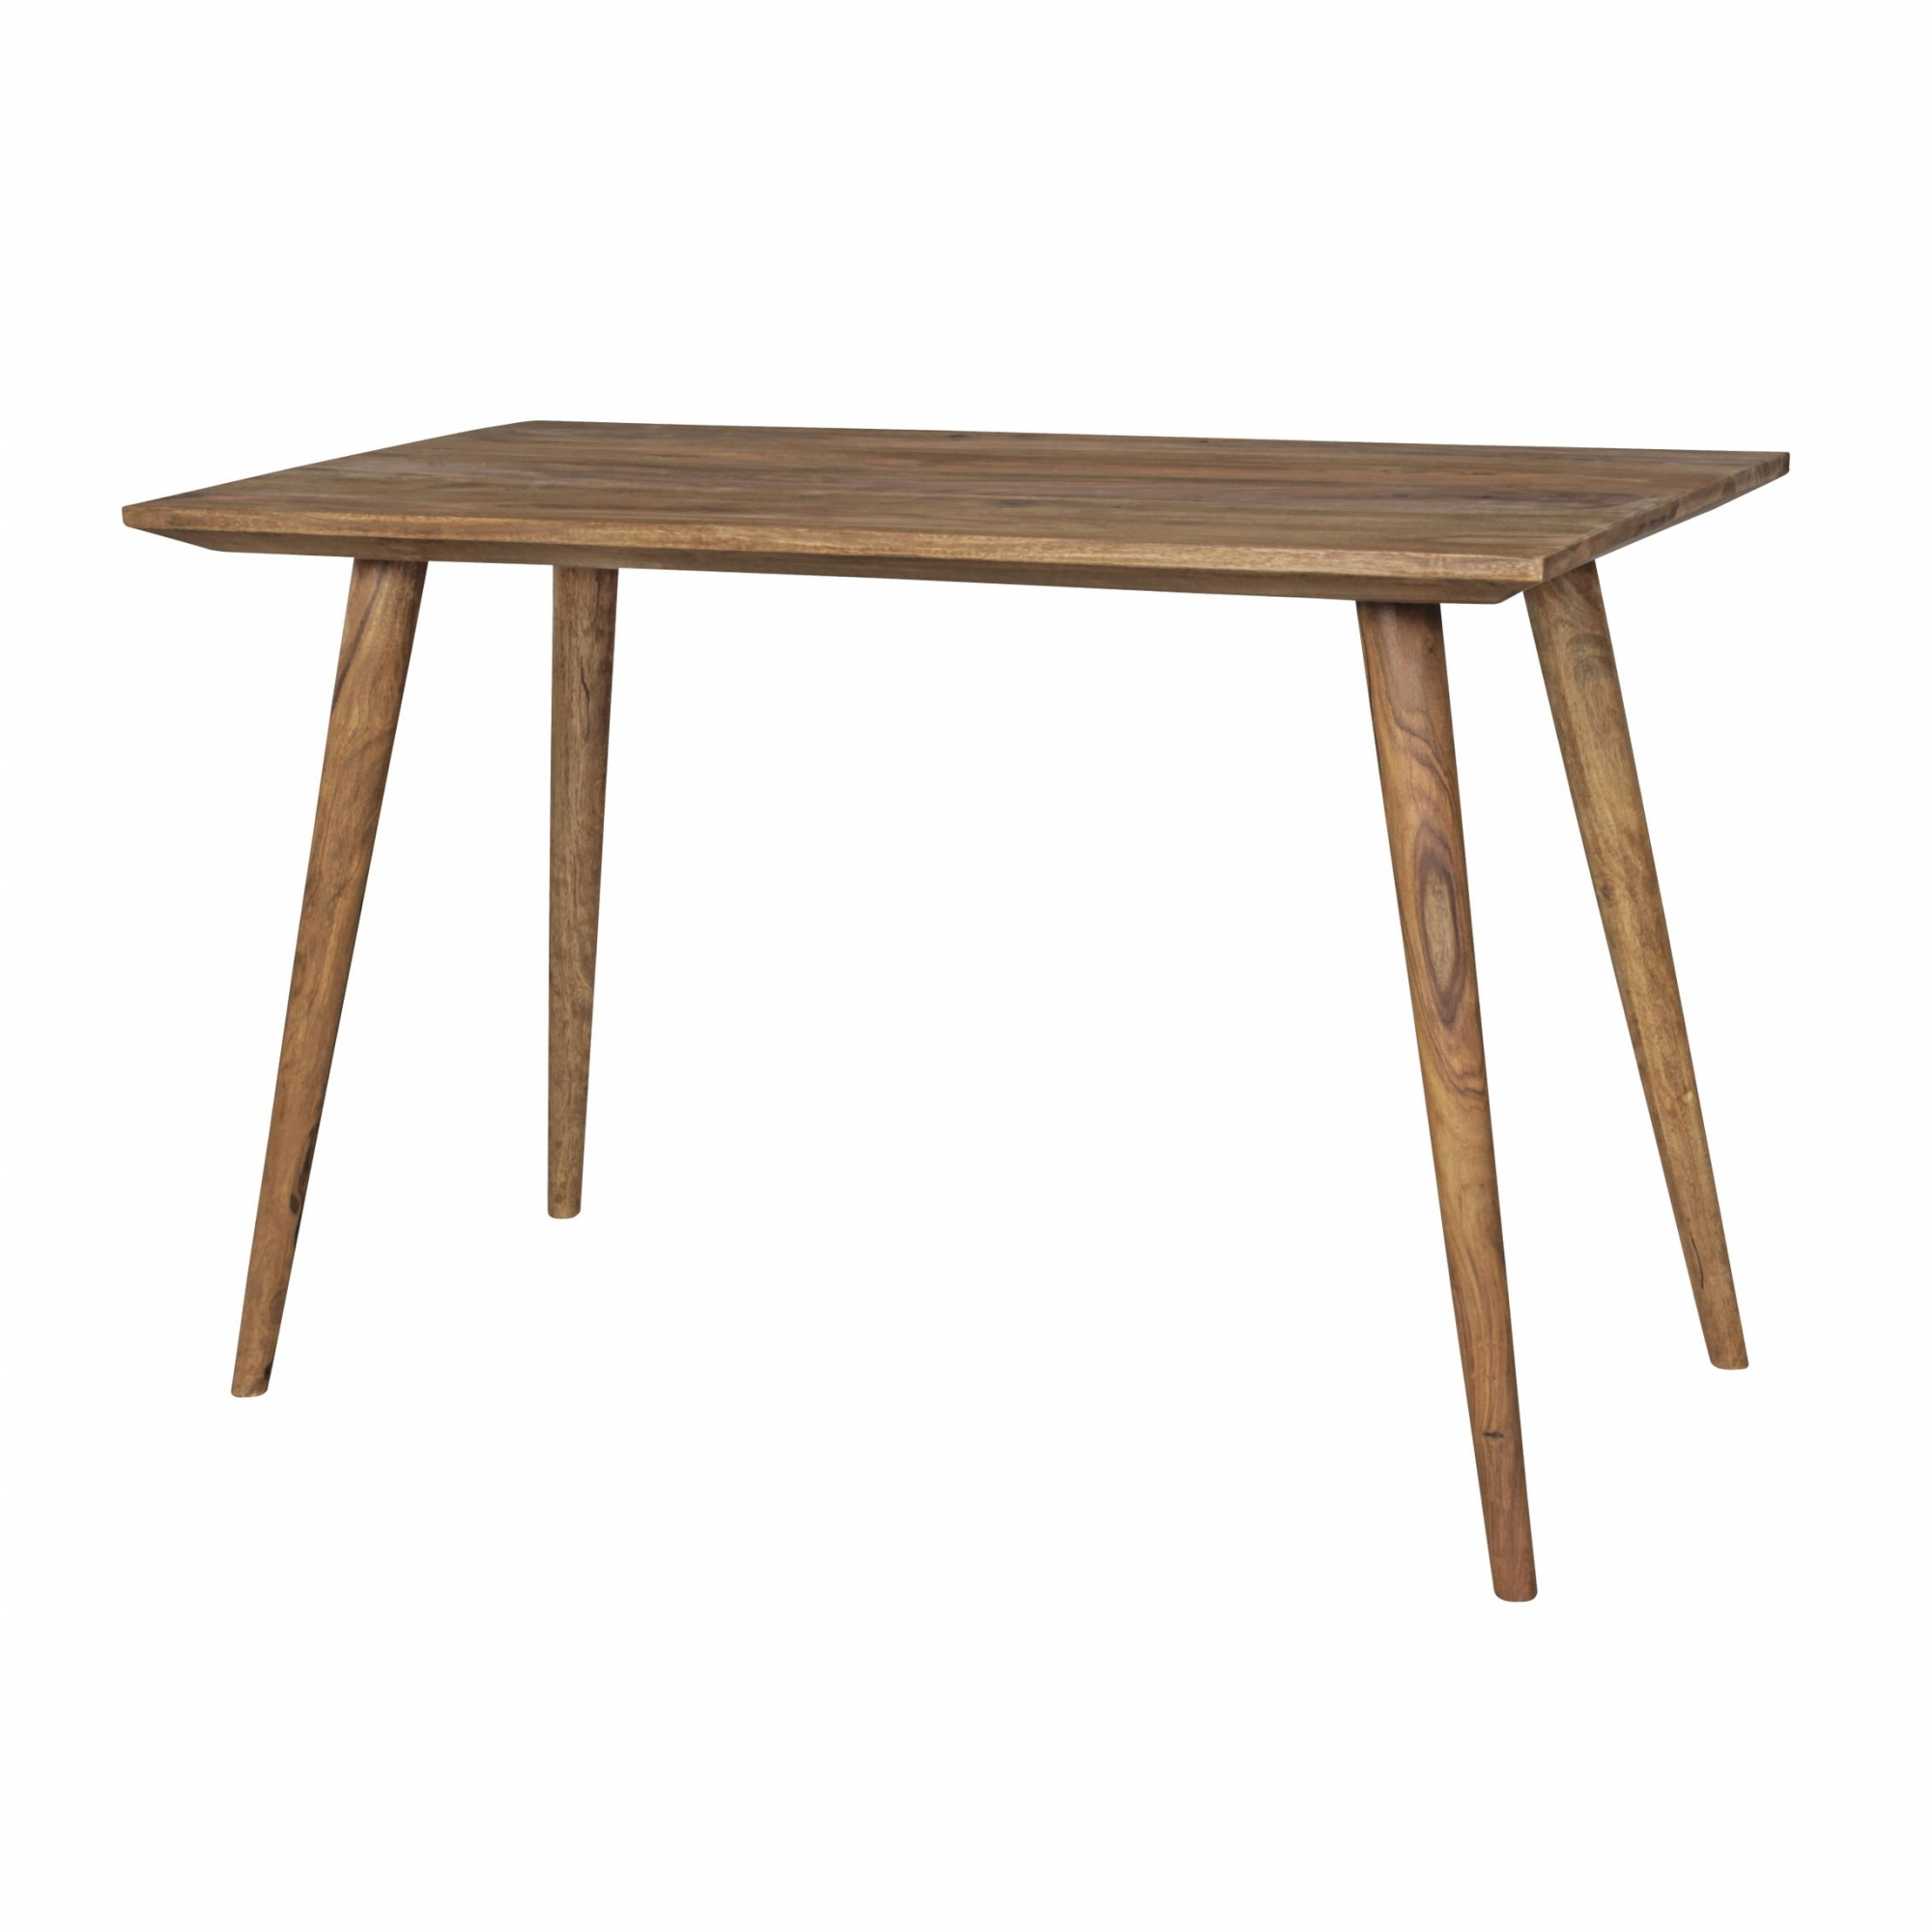 Jídelní stůl Repa, 120 cm, masiv Sheesham